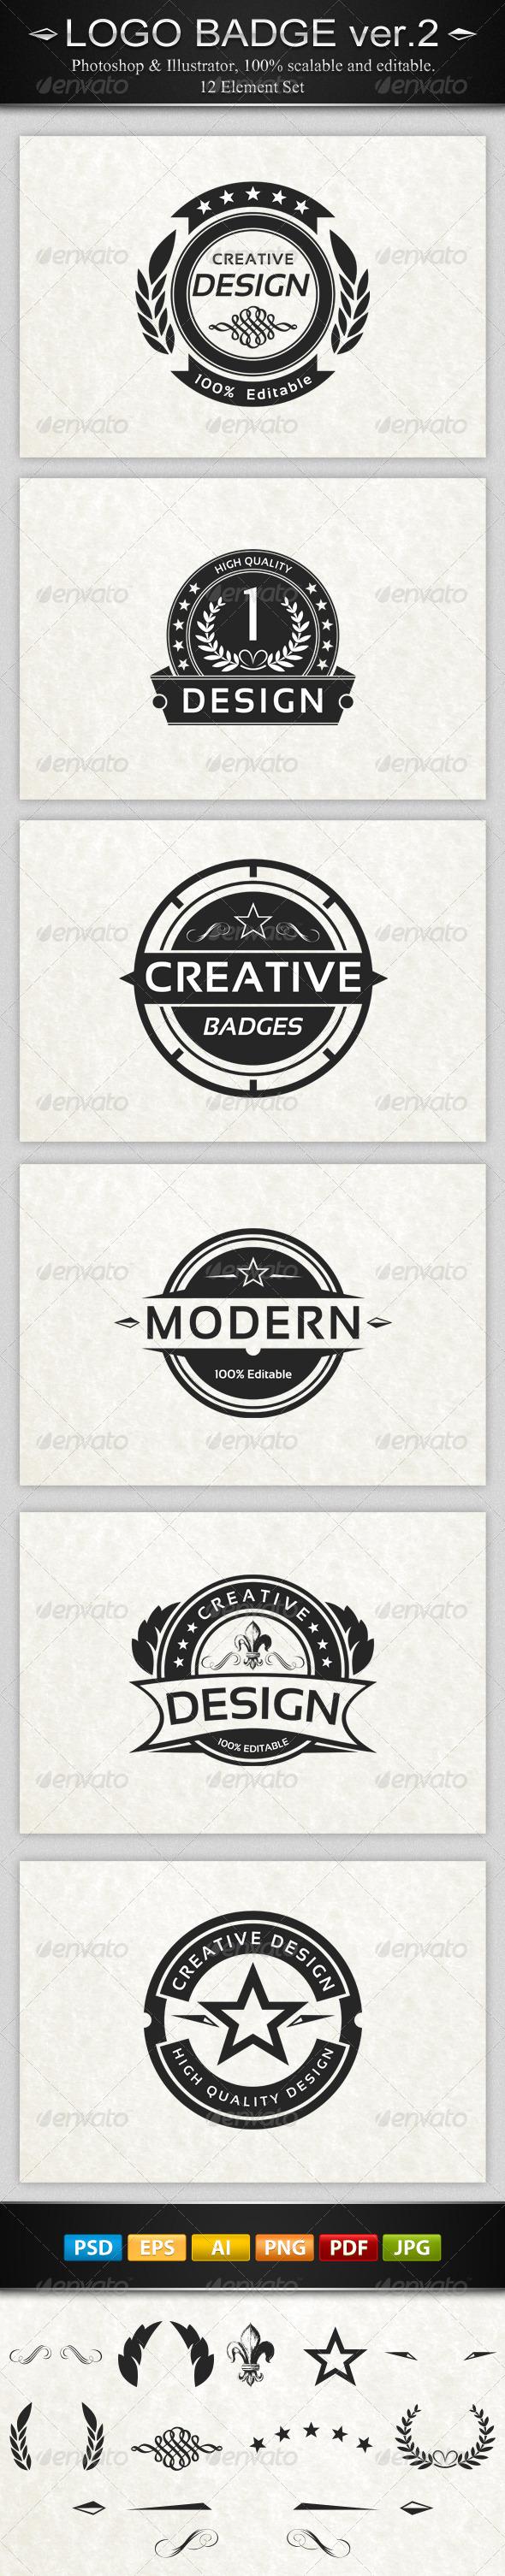 GraphicRiver 6 Vintage Logo Badges ver.2 4306523